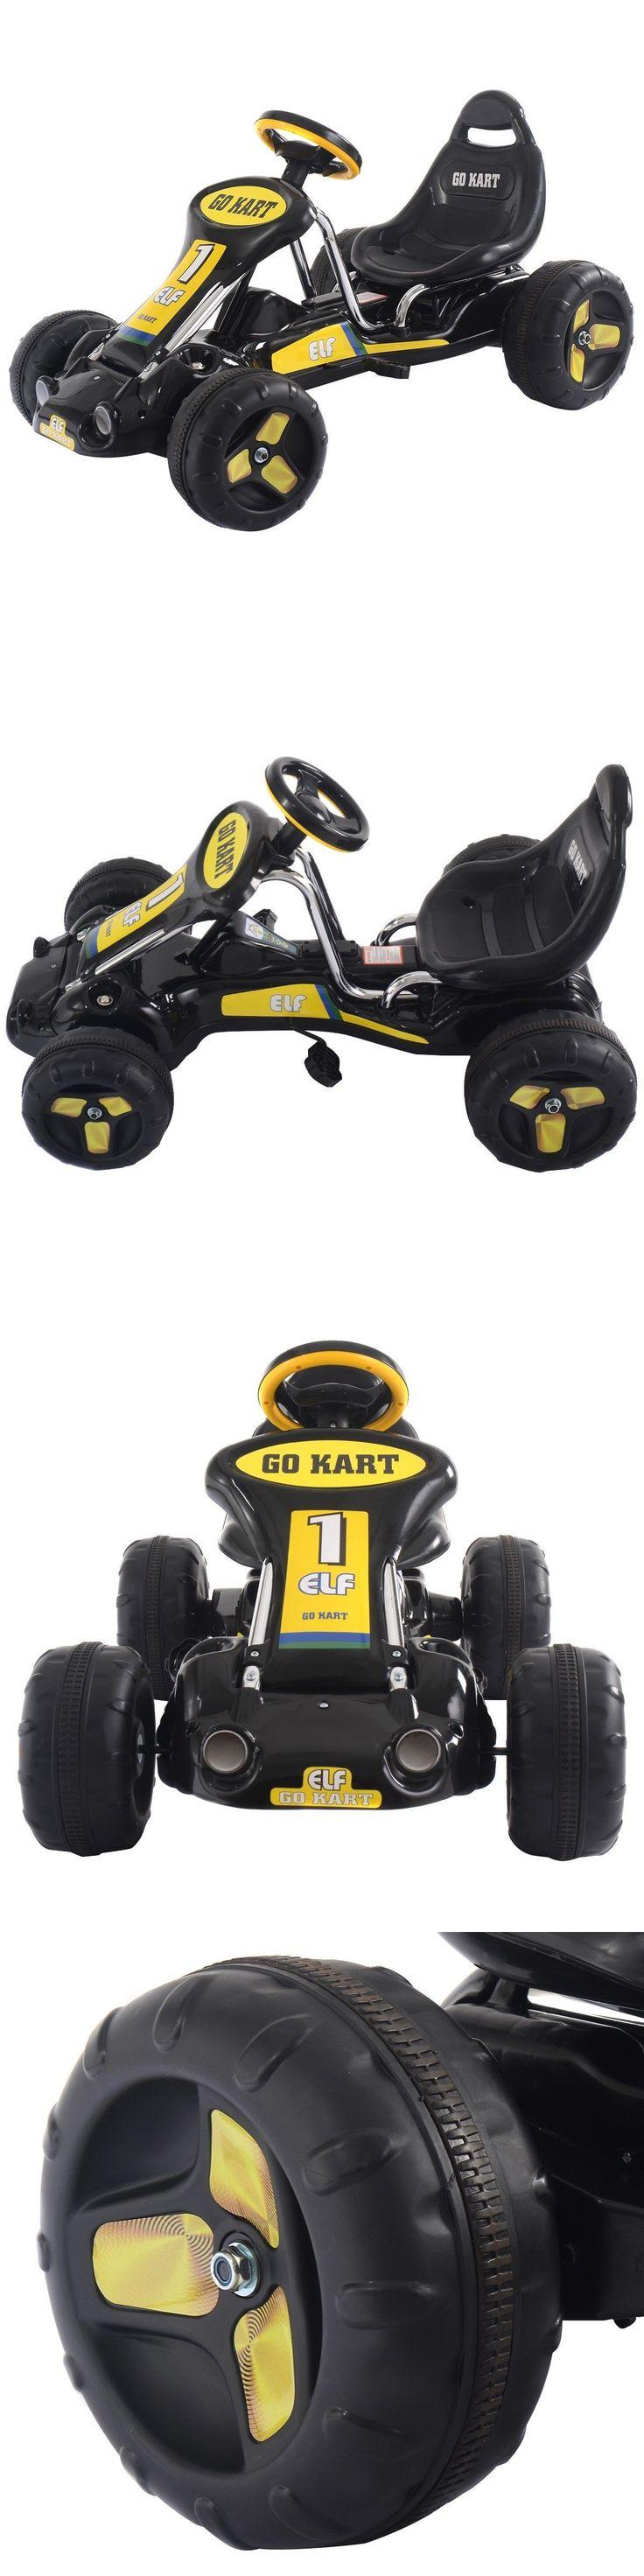 1970-Now 19022: Boys Toys Pedal Car For Kids Go Karts Children Cart Mini Speed Racer Steel Frame -> BUY IT NOW ONLY: $89.99 on eBay!